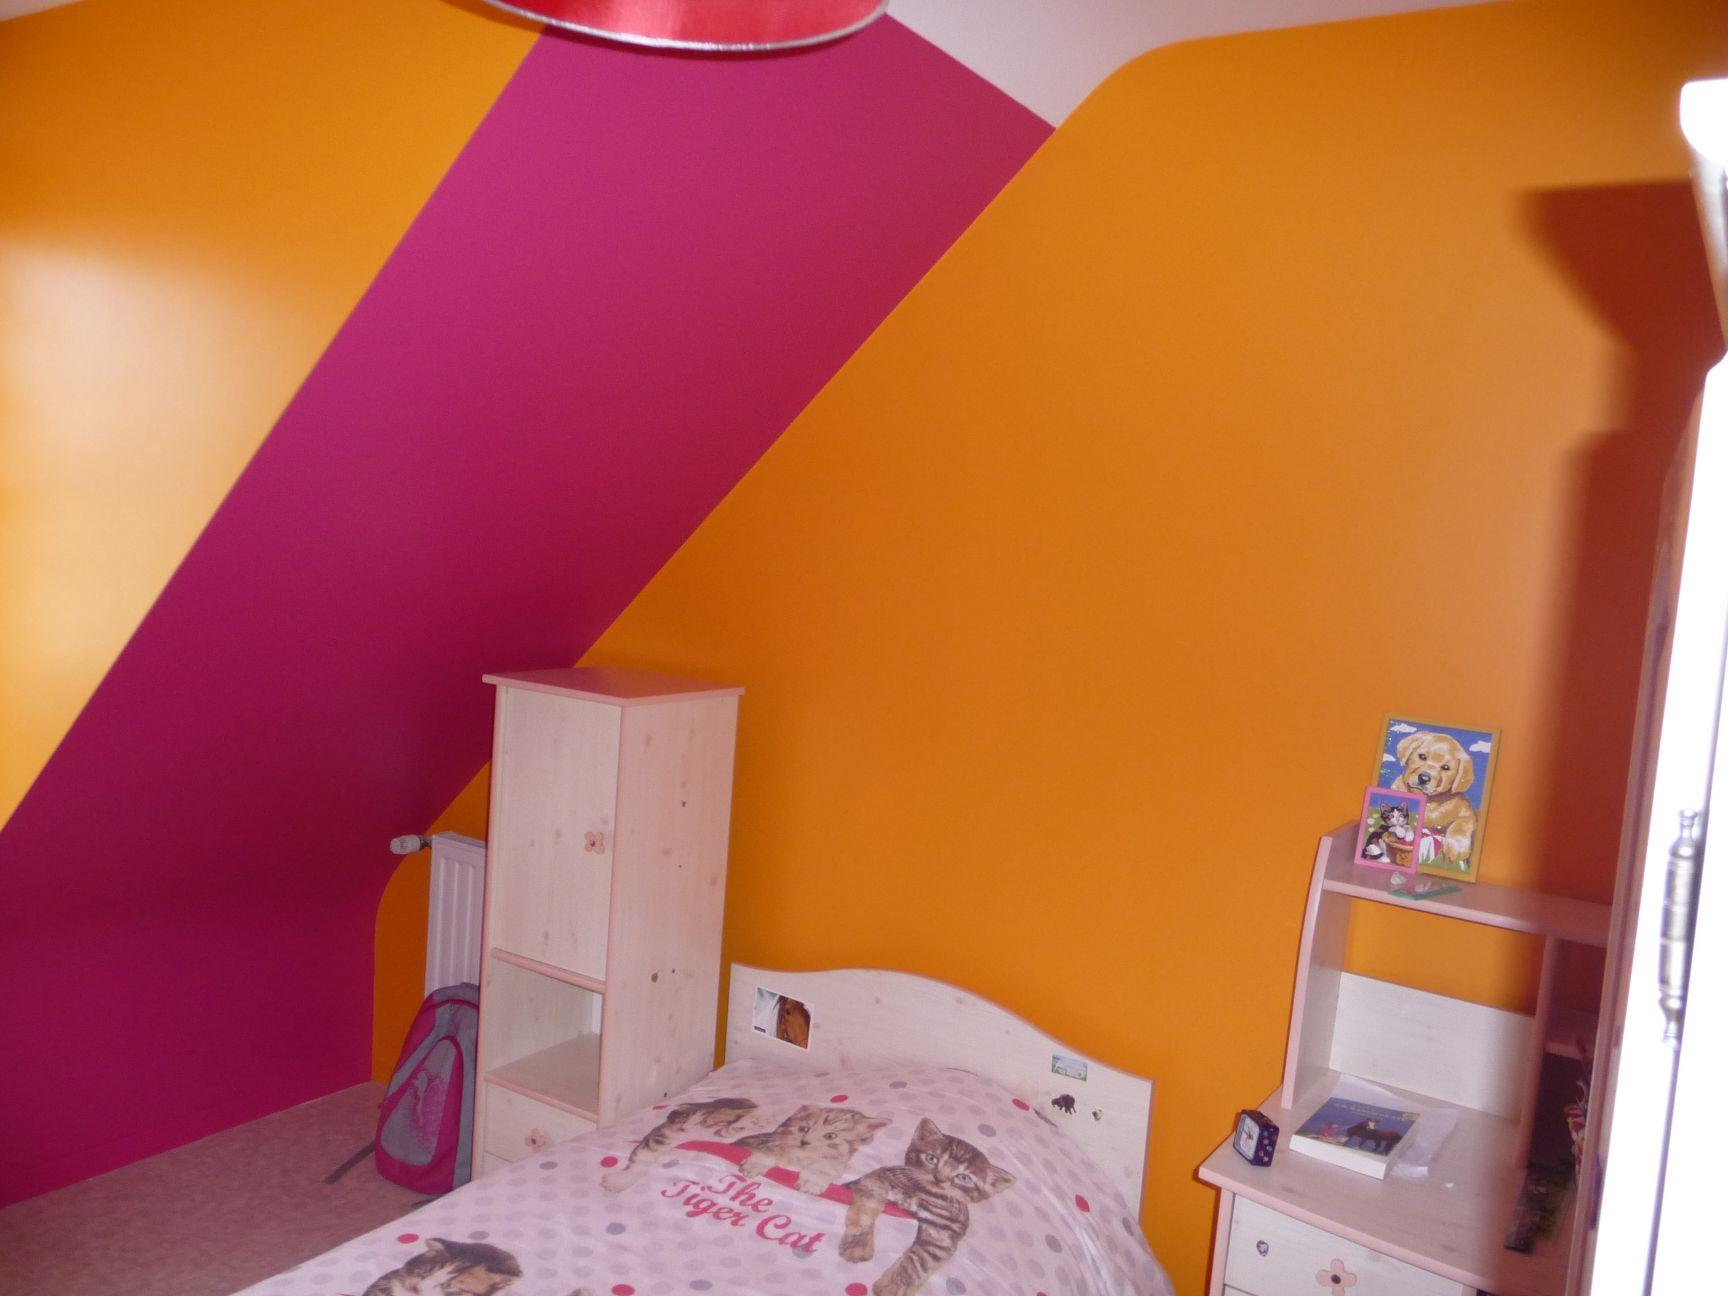 Décoration Peintures De Chambres Exemples Photos.